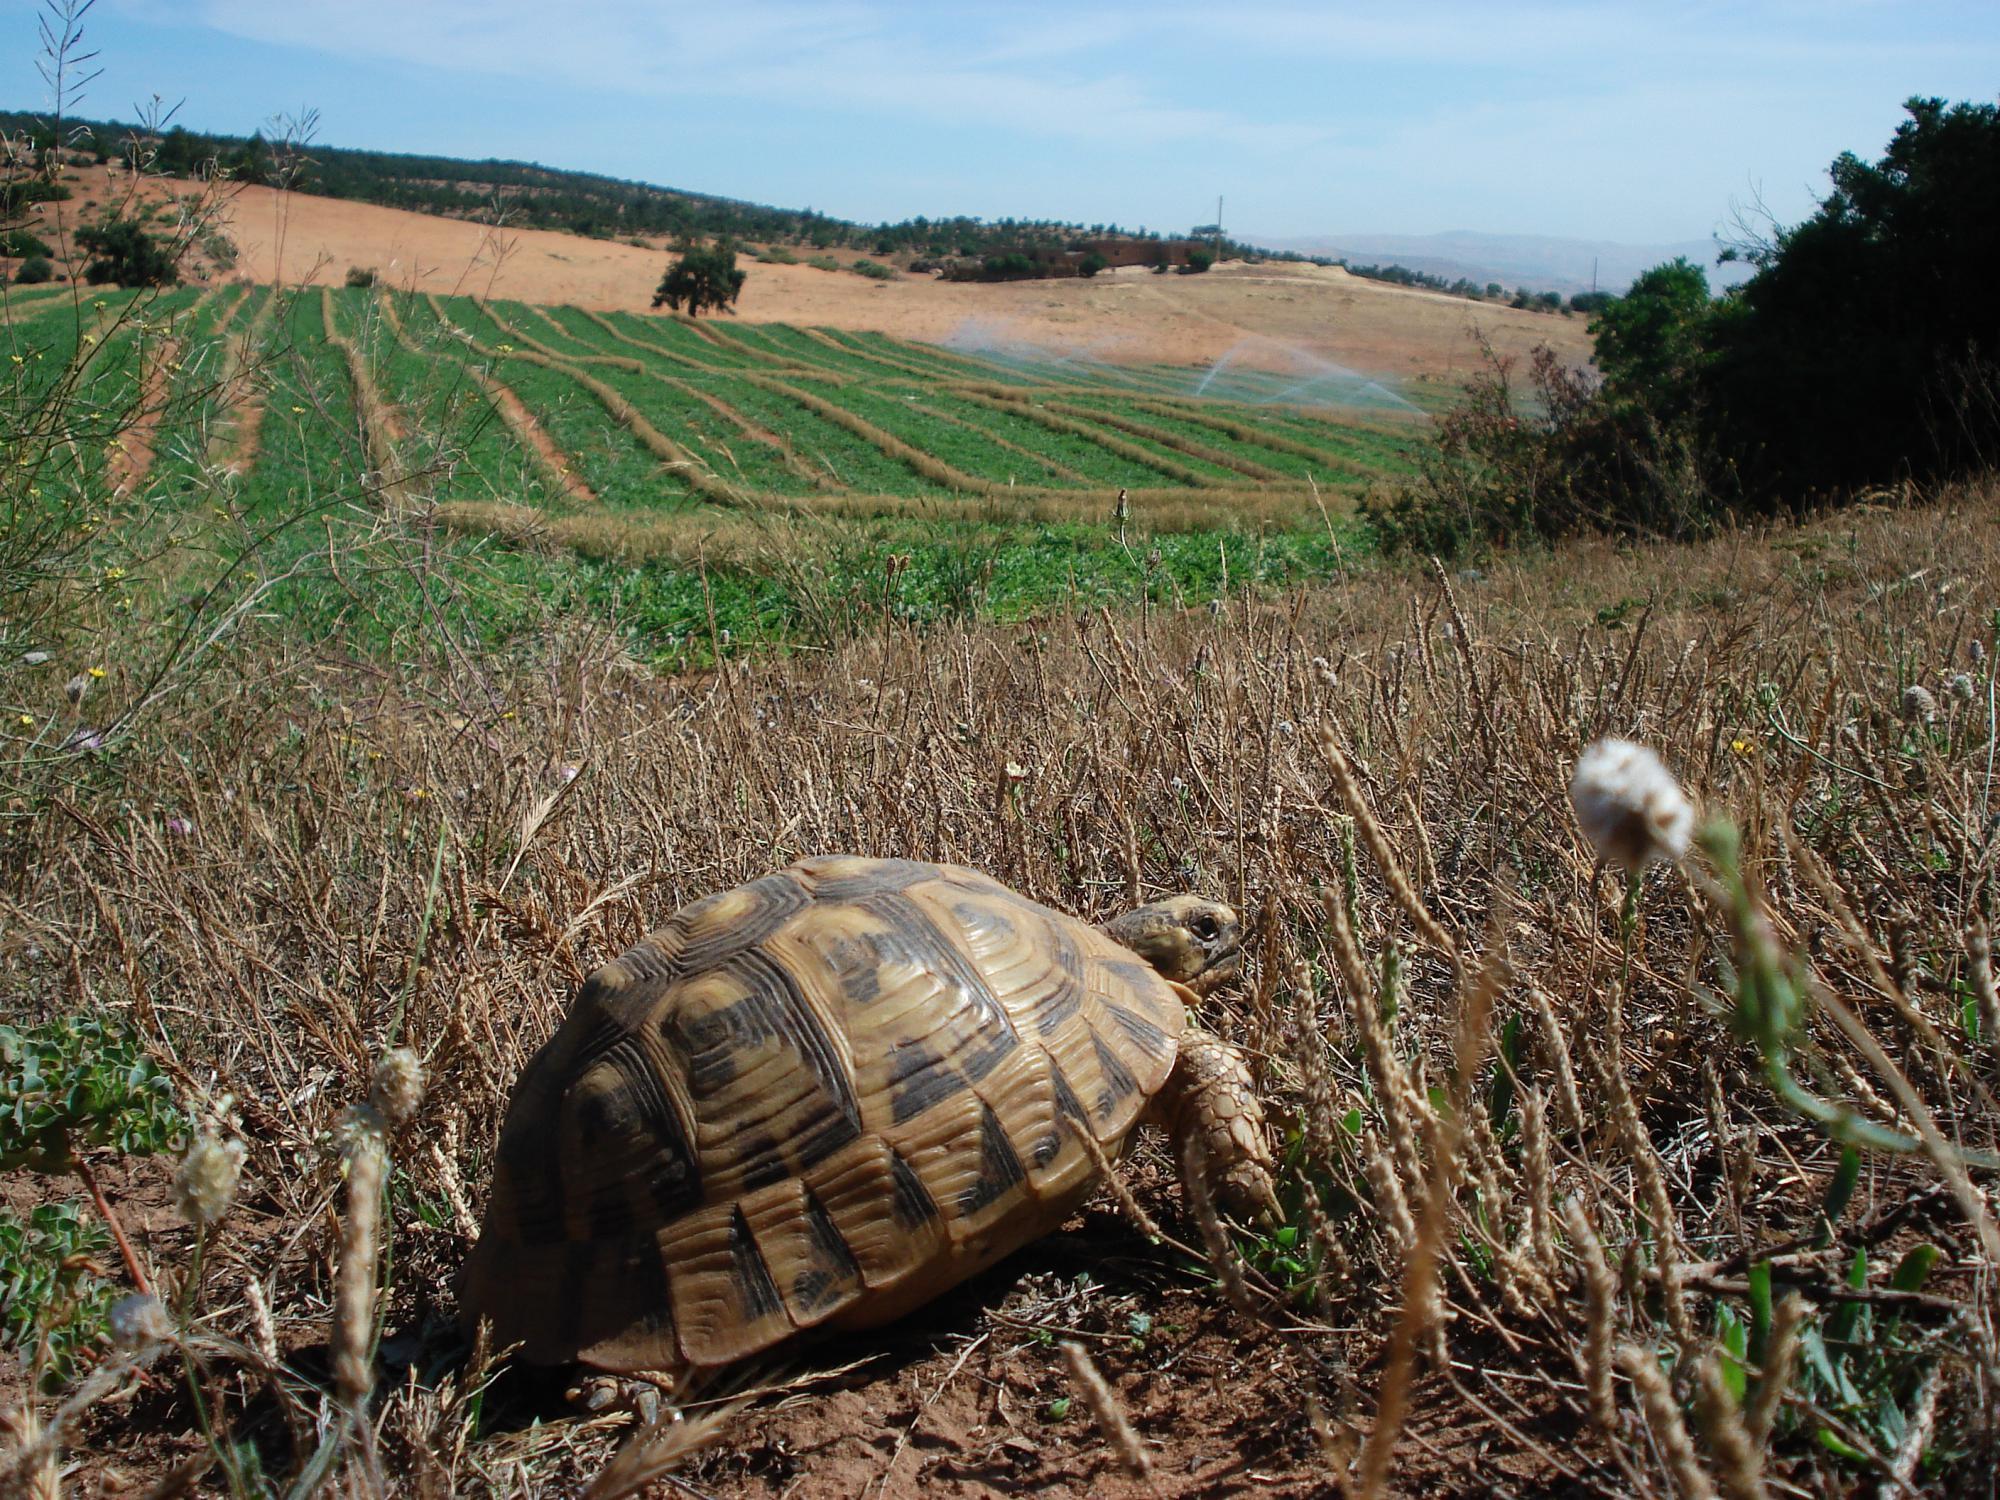 ¿Autóctona o introducida? Origen de la población de tortuga mora en el sureste ibérico